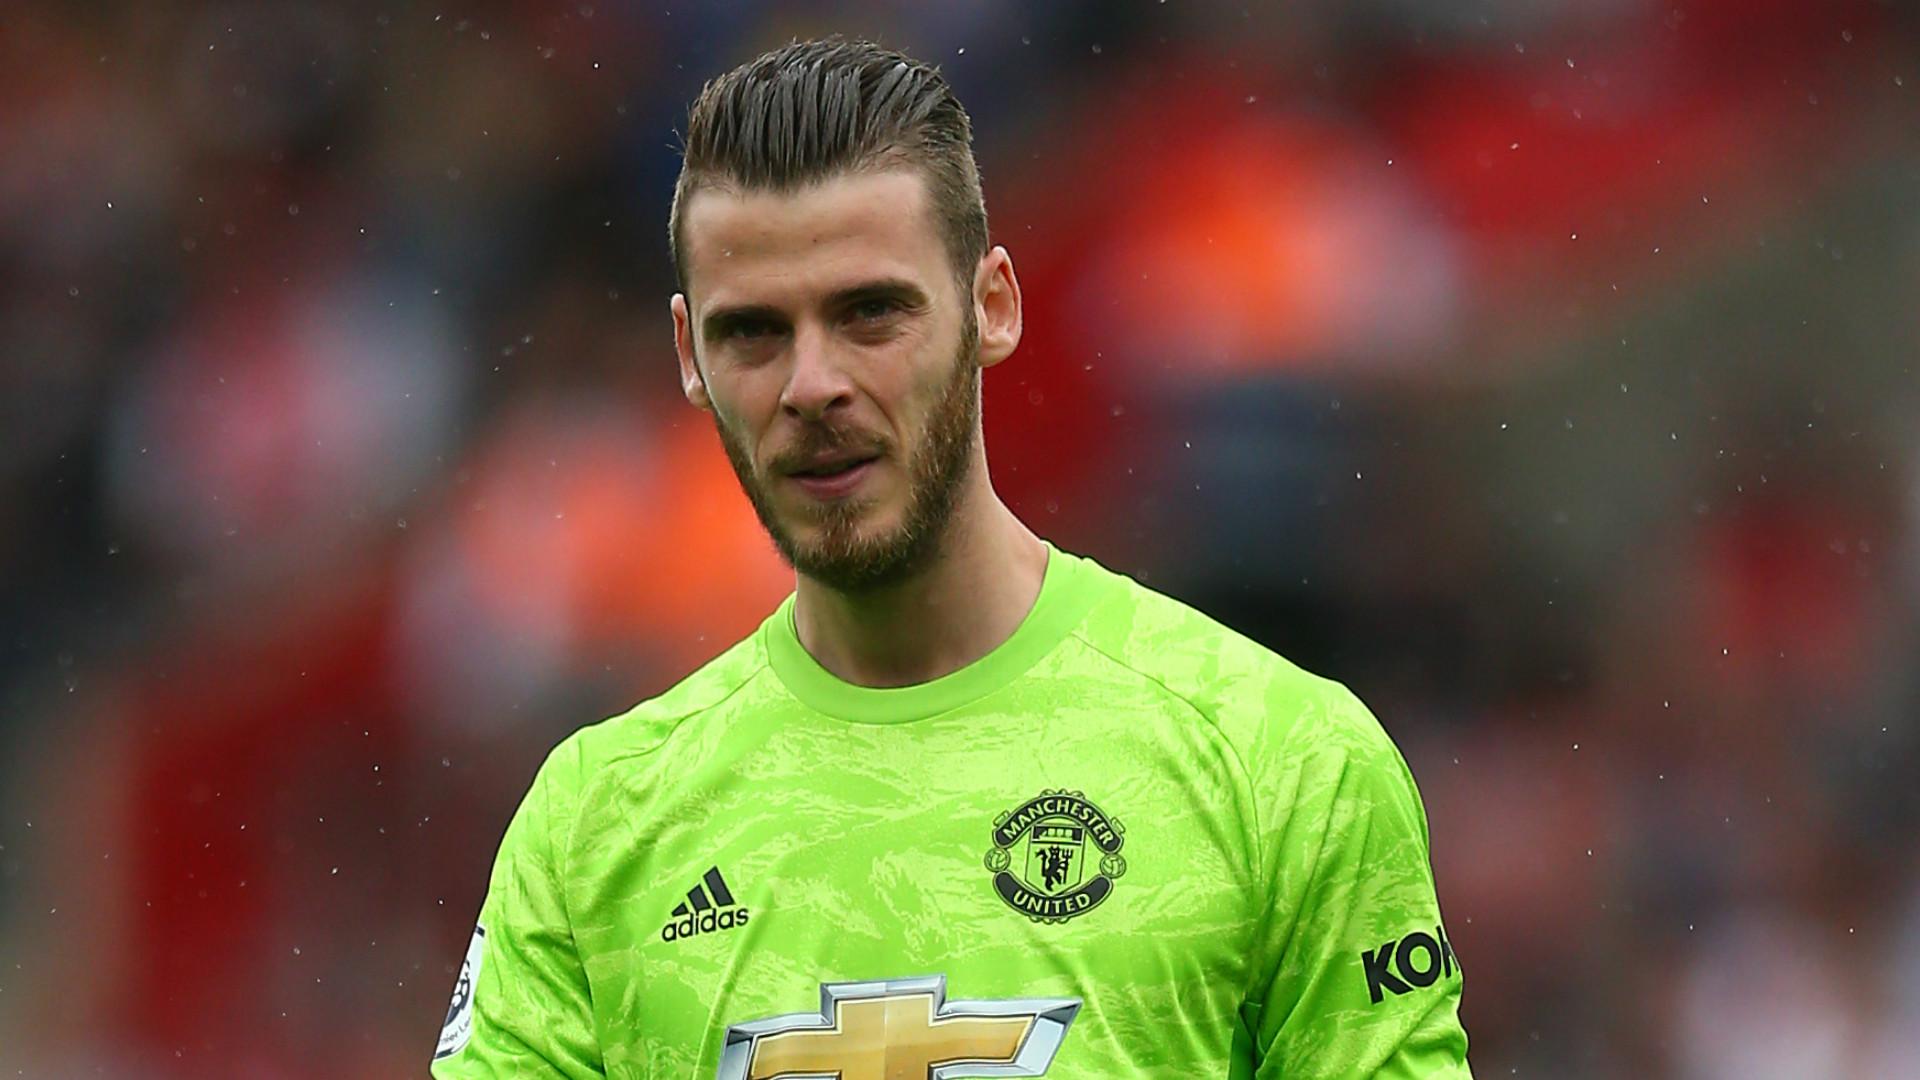 Transfer news and rumours LIVE: Man Utd make rare concession for De Gea